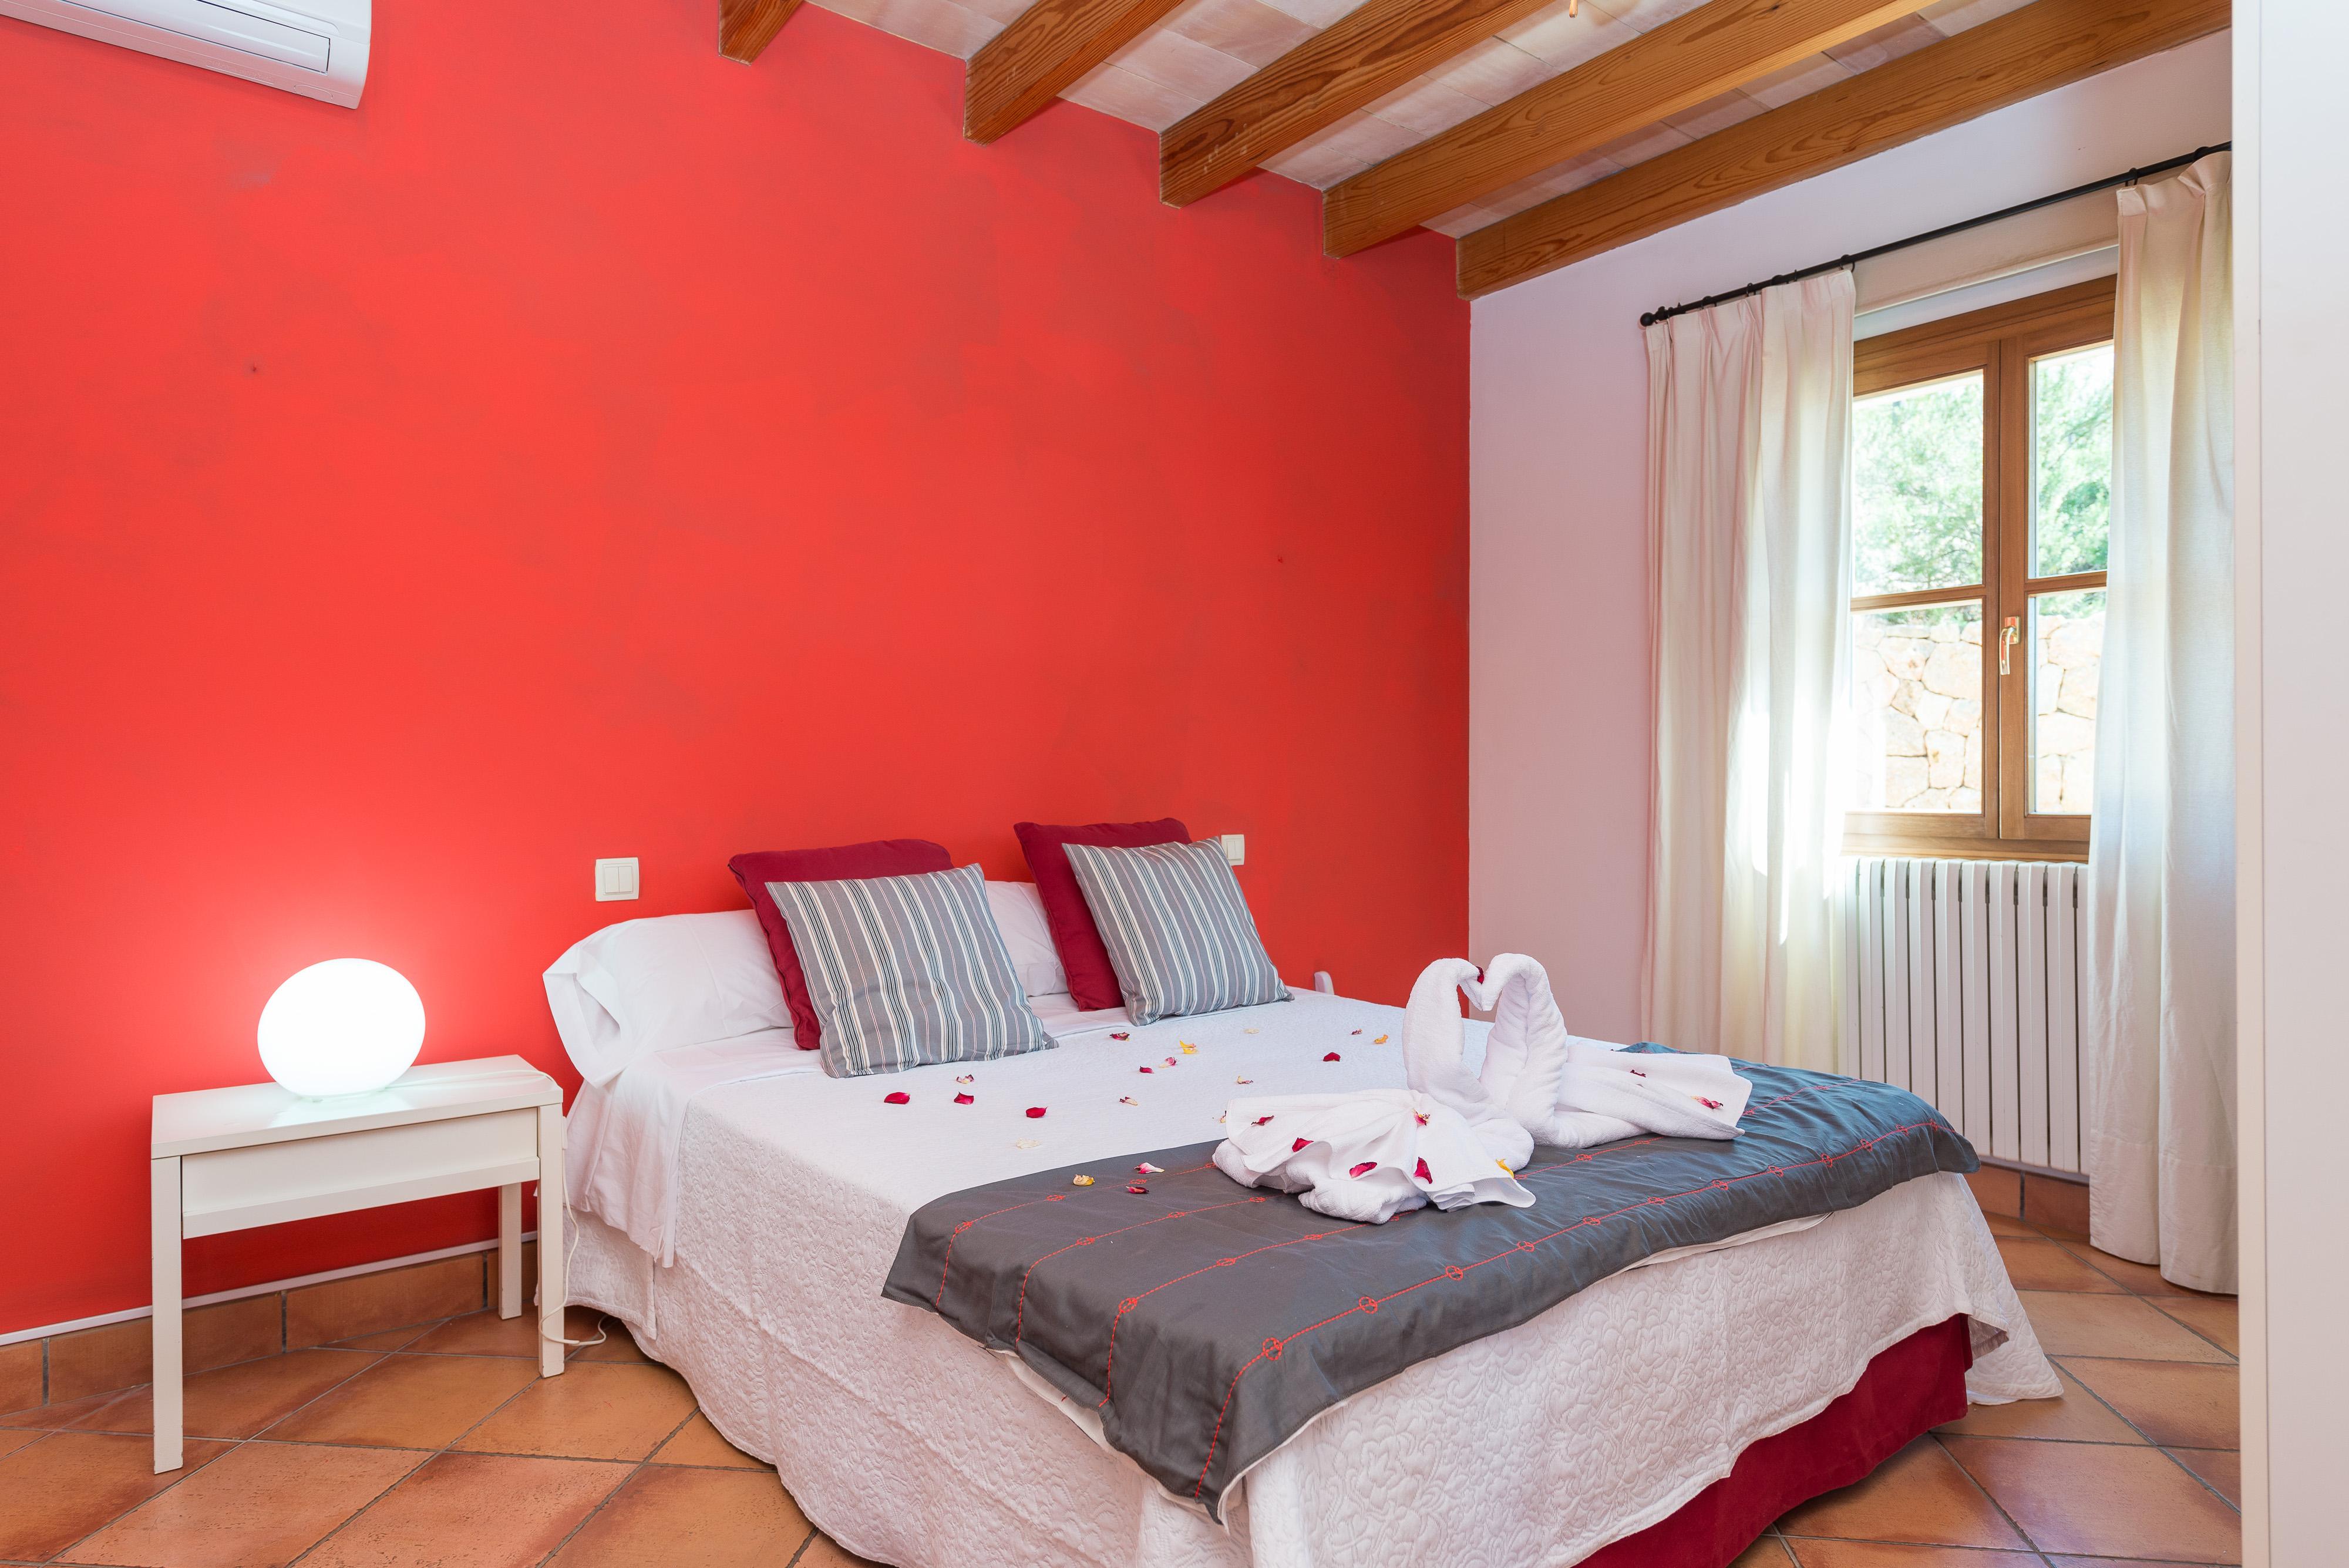 Maison de vacances ES PINAR (1956282), Alaro, Majorque, Iles Baléares, Espagne, image 17